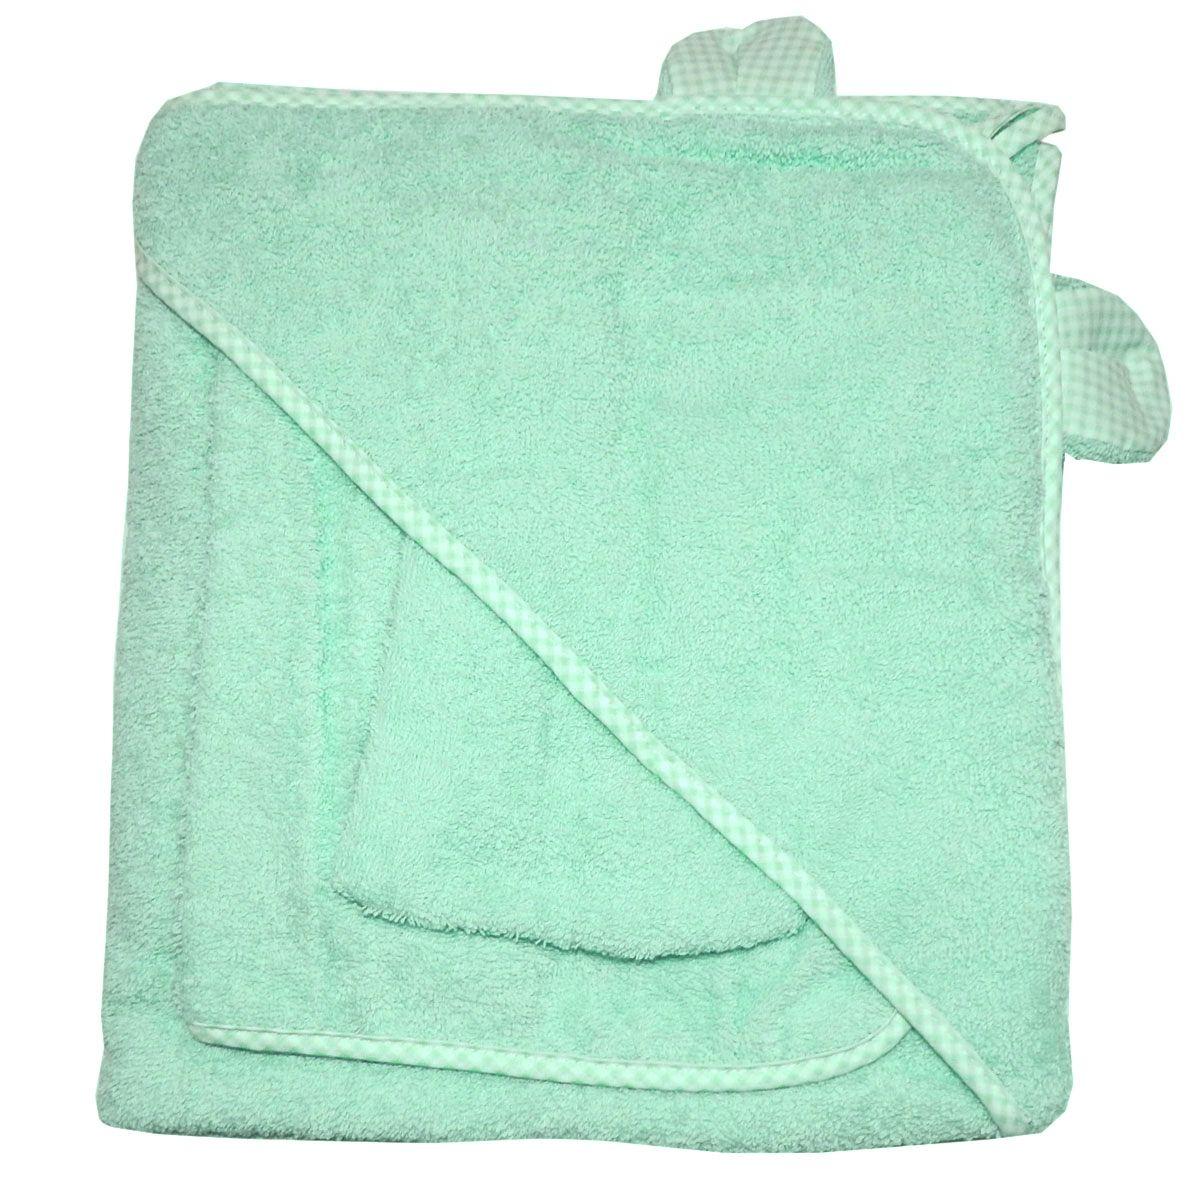 Комплект для купания Набор для купания детский 3 предмета 3011, бирюзовый